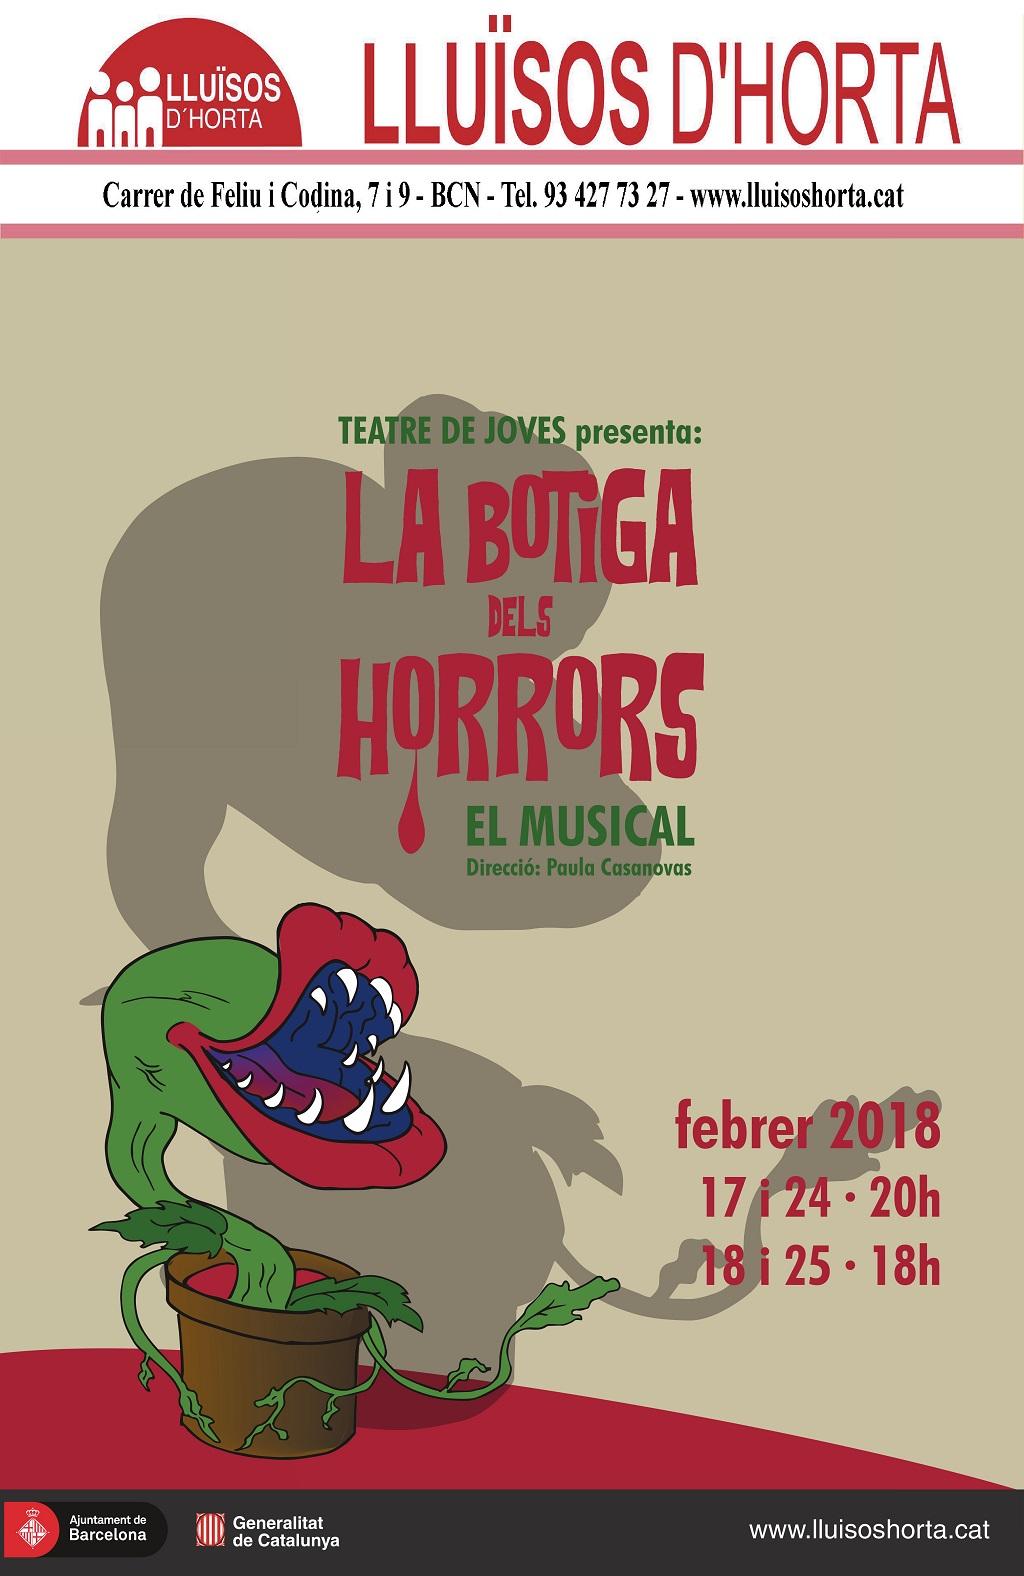 La Botiga dels Horrors, el musical